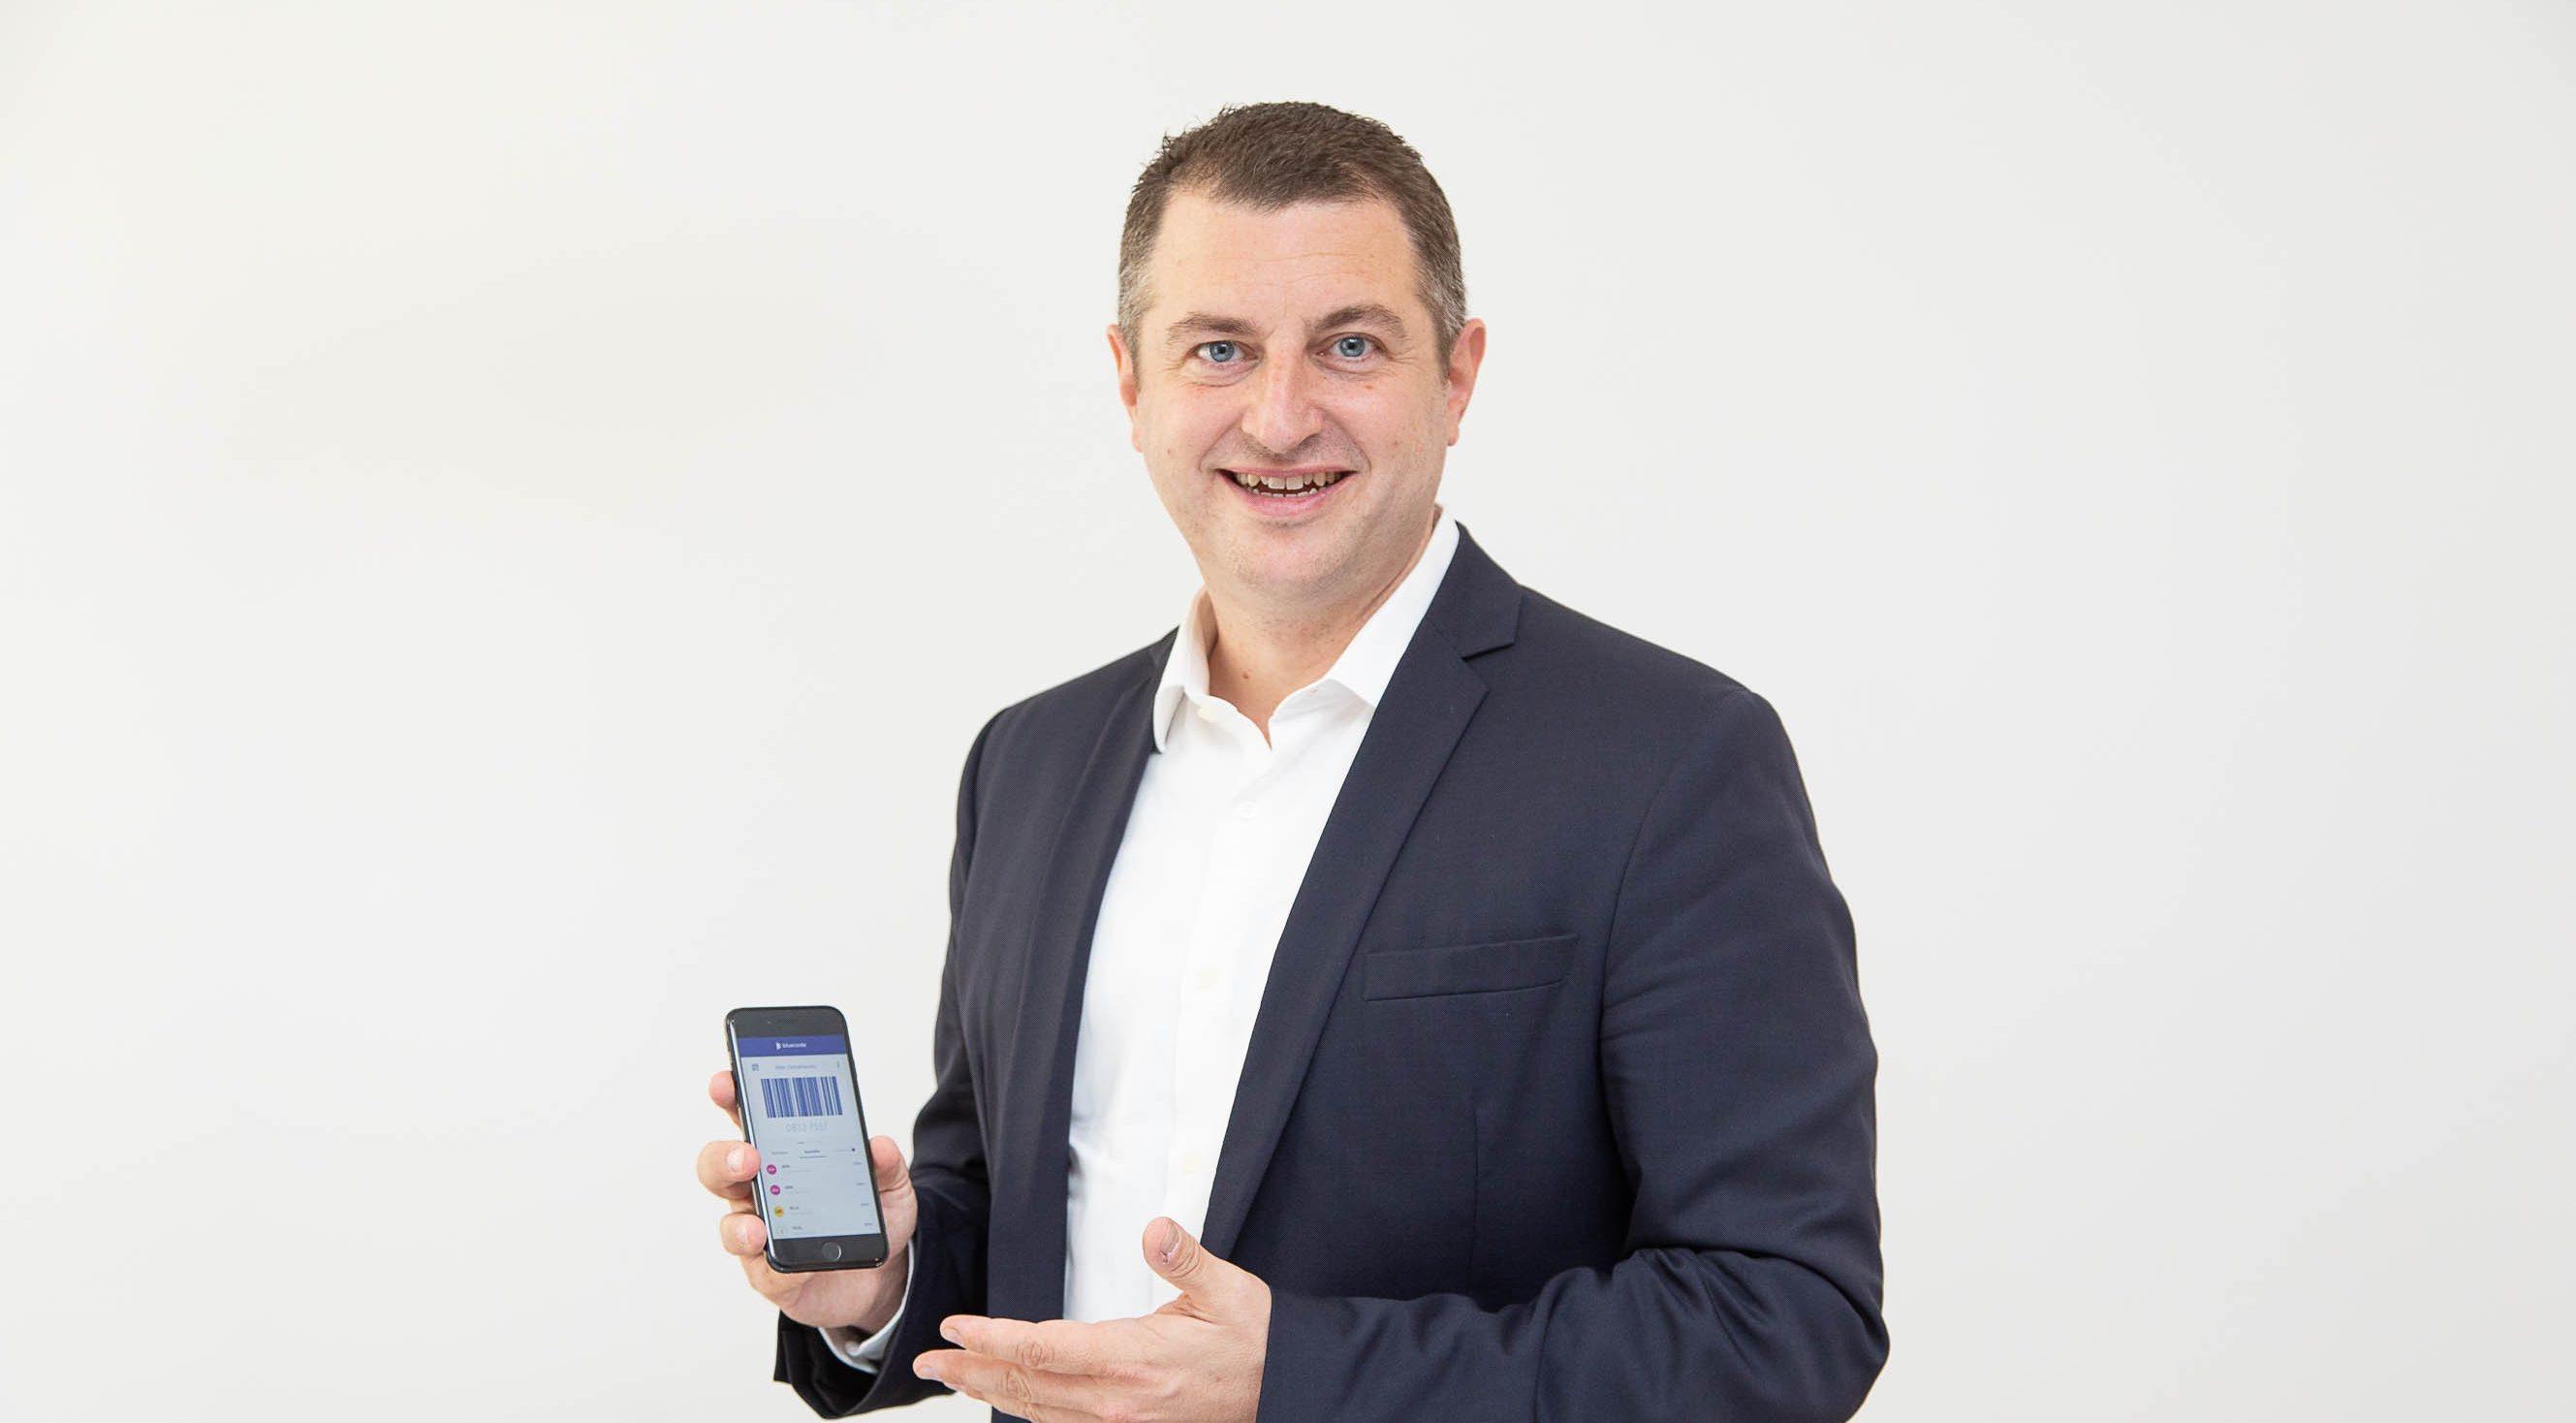 Bluecode-CEO Christian Pirkner äußert sich zum Apple Pay-Launch